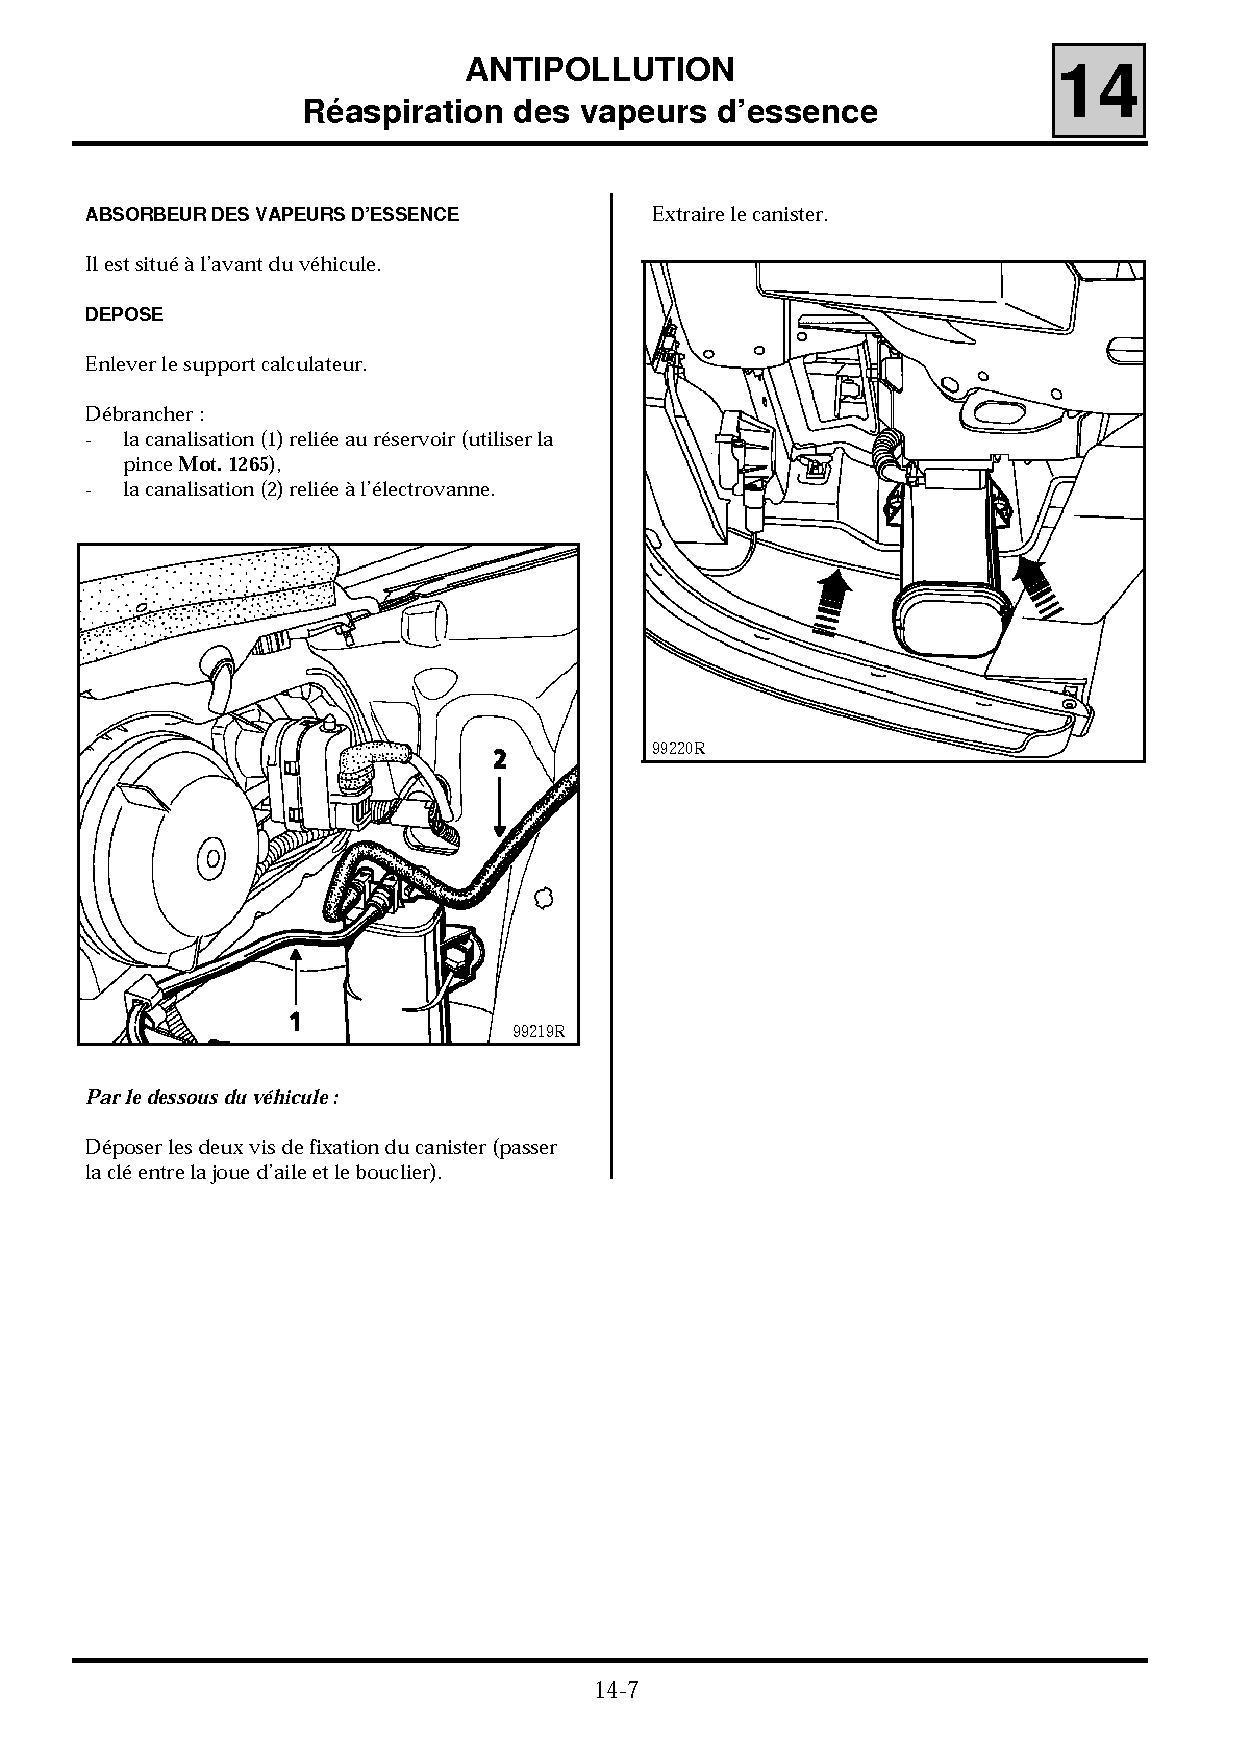 sc nic i moteur qui cale en roulant p0 plan te renault. Black Bedroom Furniture Sets. Home Design Ideas